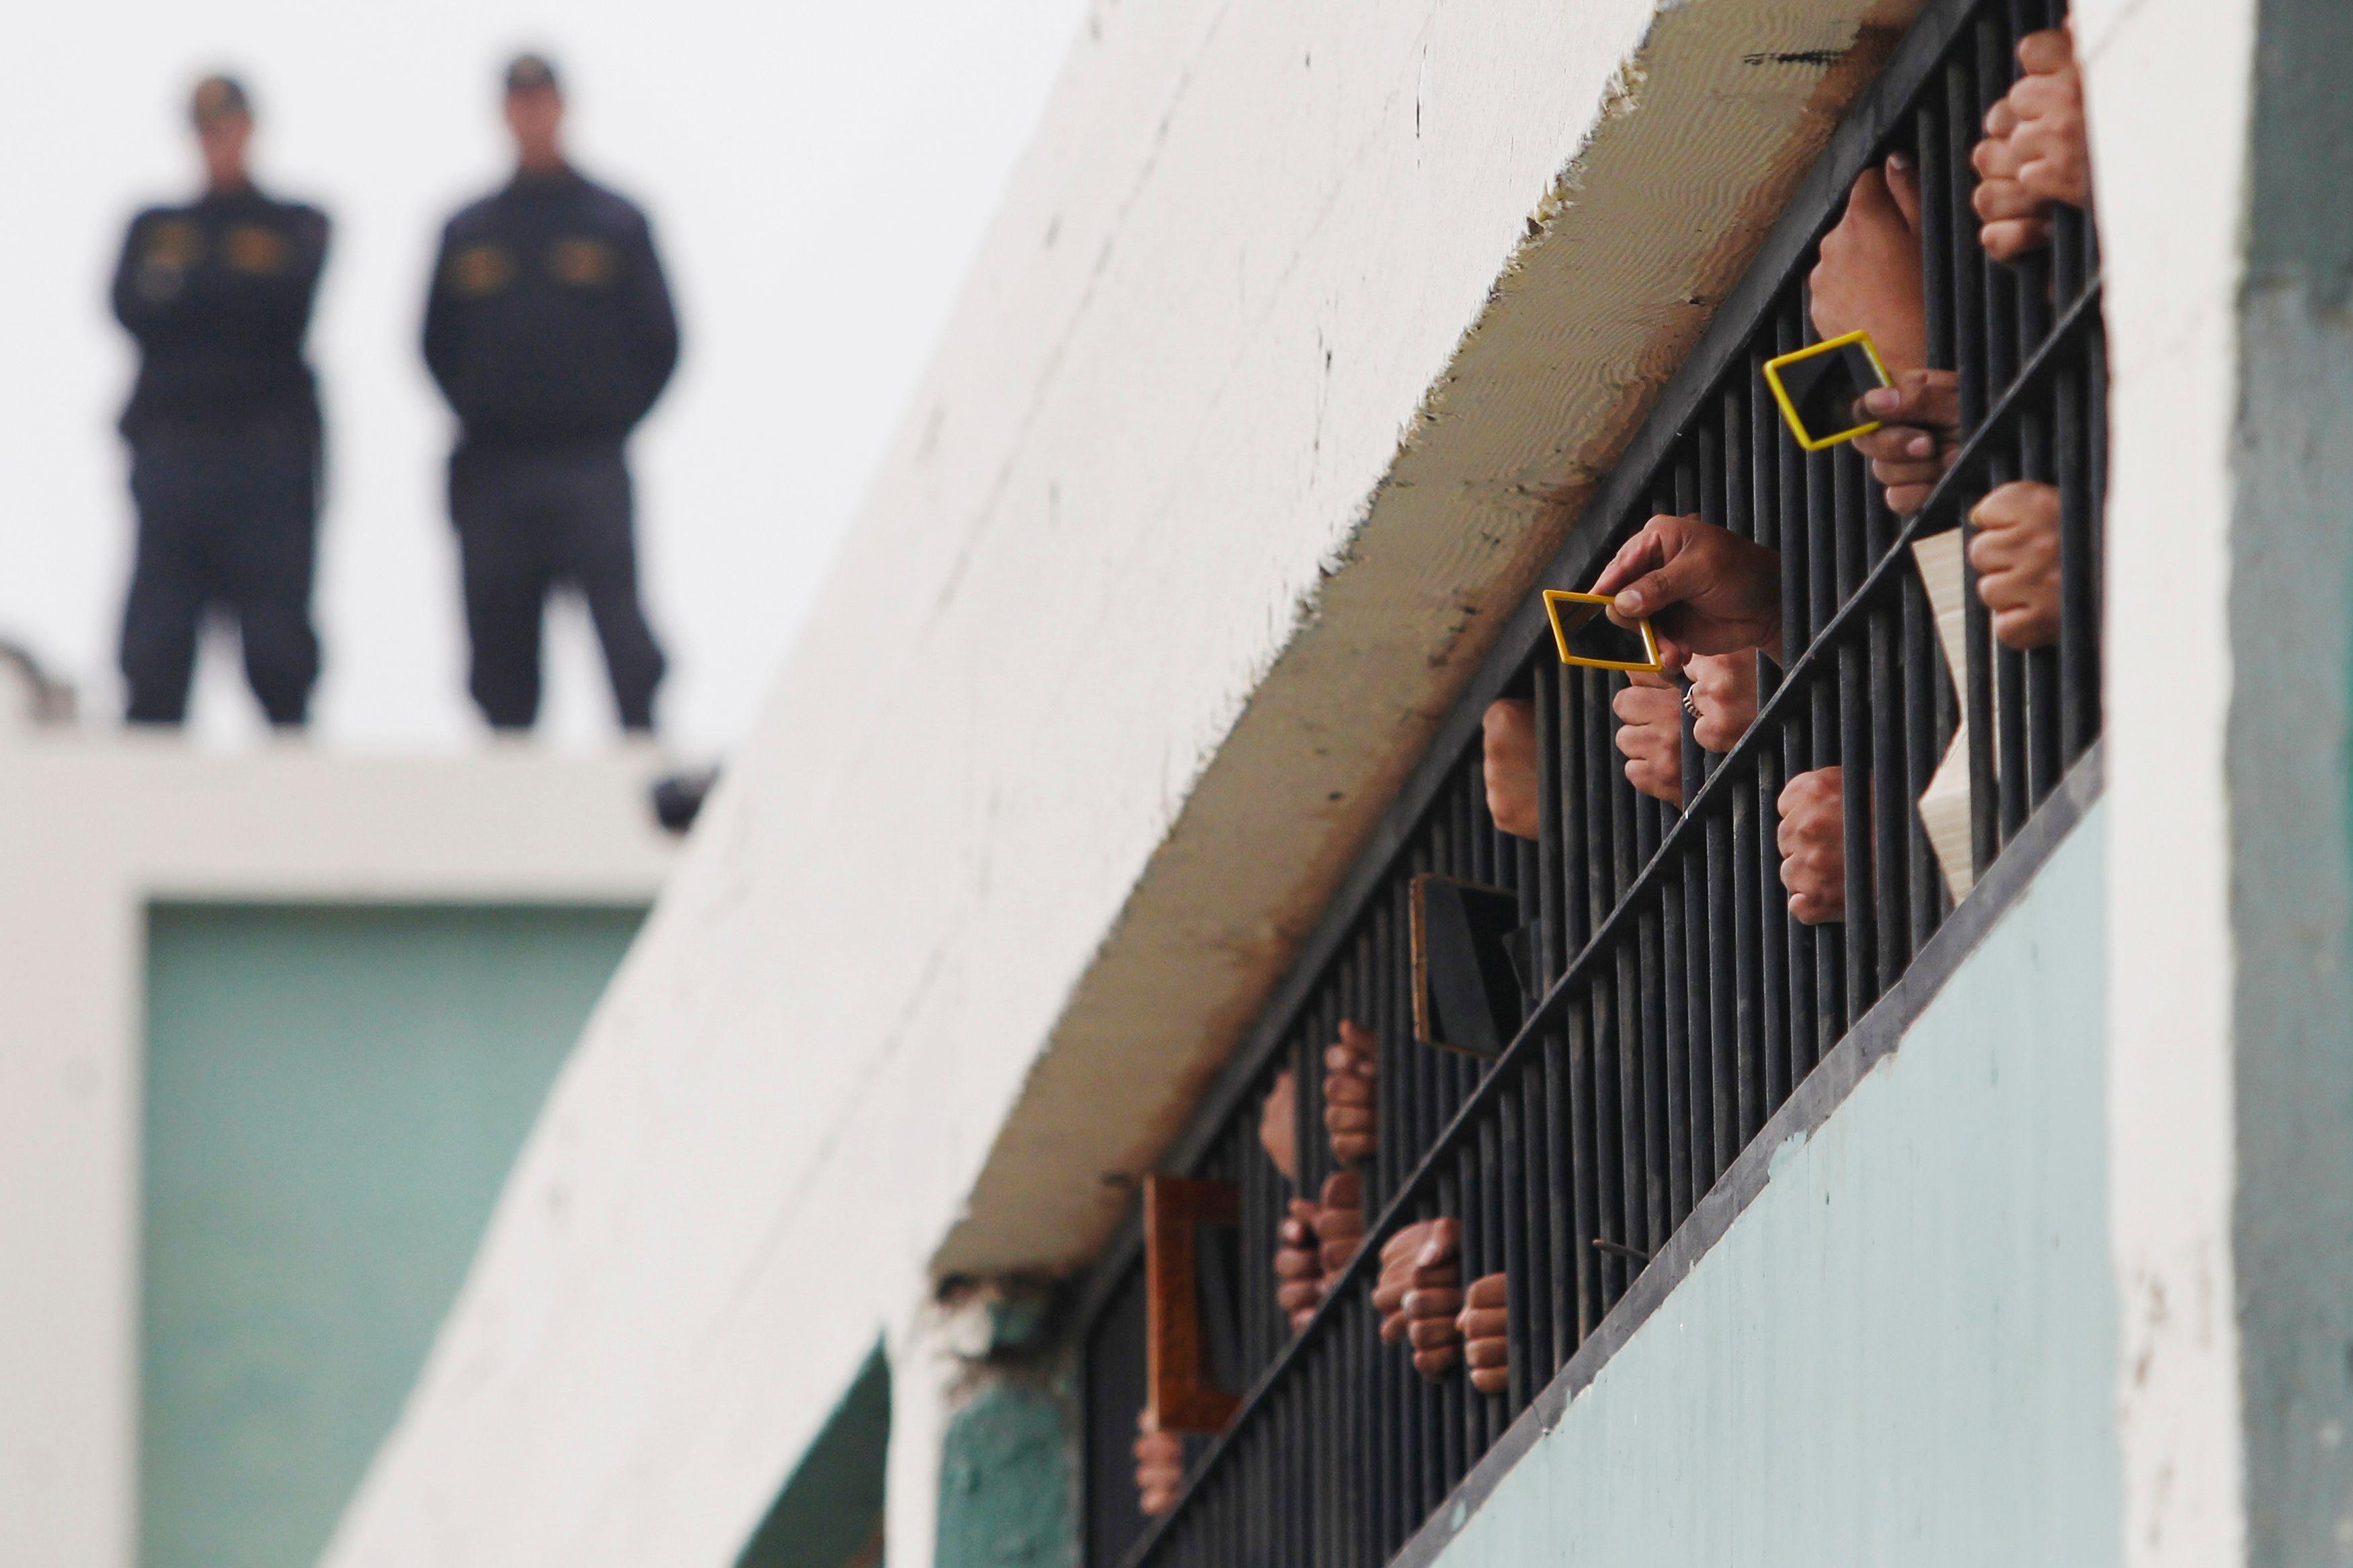 Hier ont eu lieu de grandes manifestations de surveillants de prison à travers toute la France.